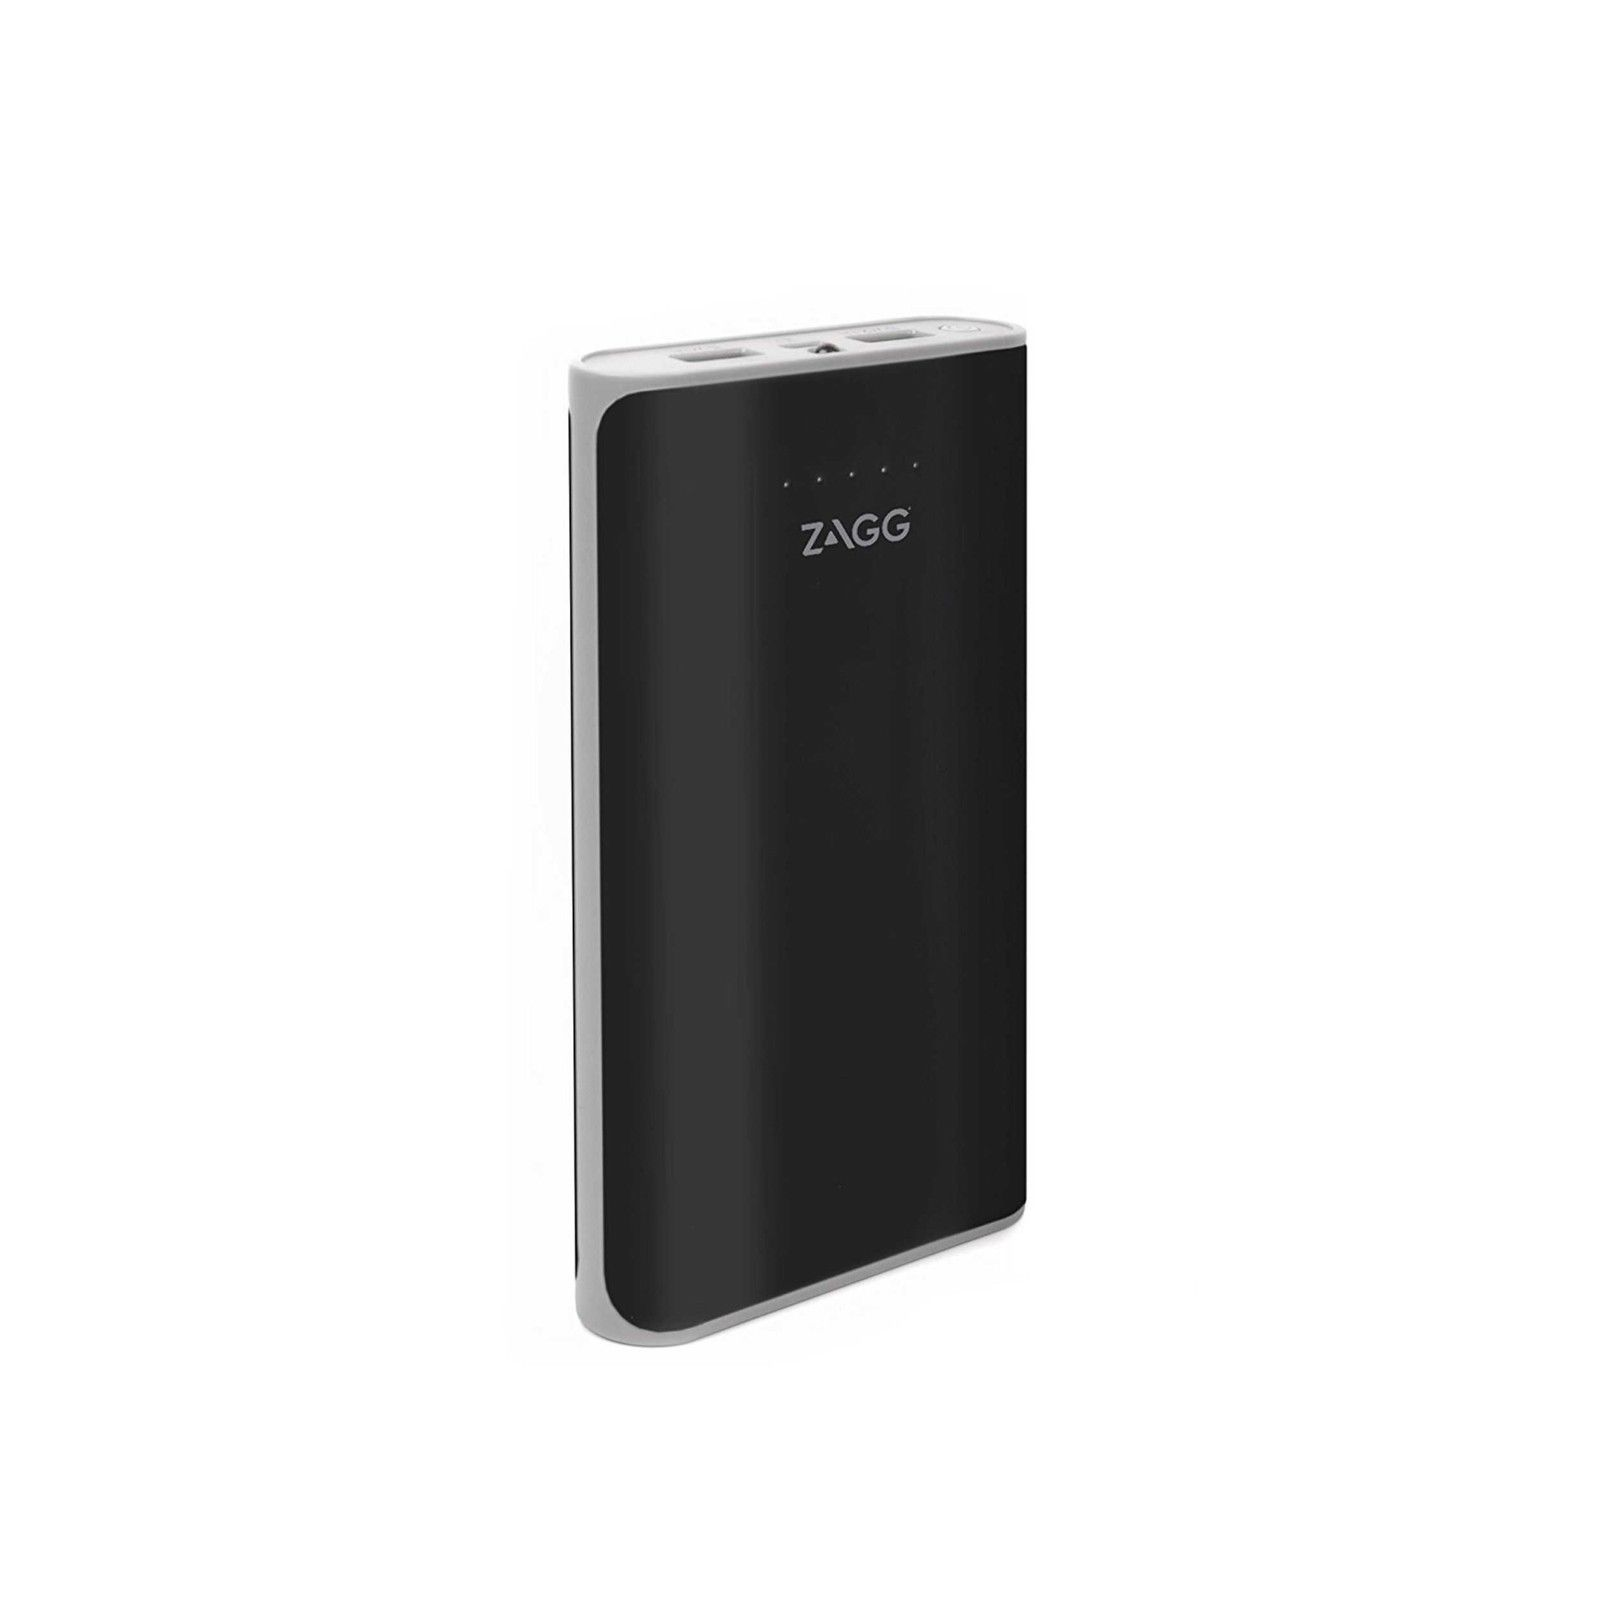 Zagg Ignition 12 Power Bank външна батерия 12000mAh с 2 USB изхода за зареждане на мобилни устройства и фенерче